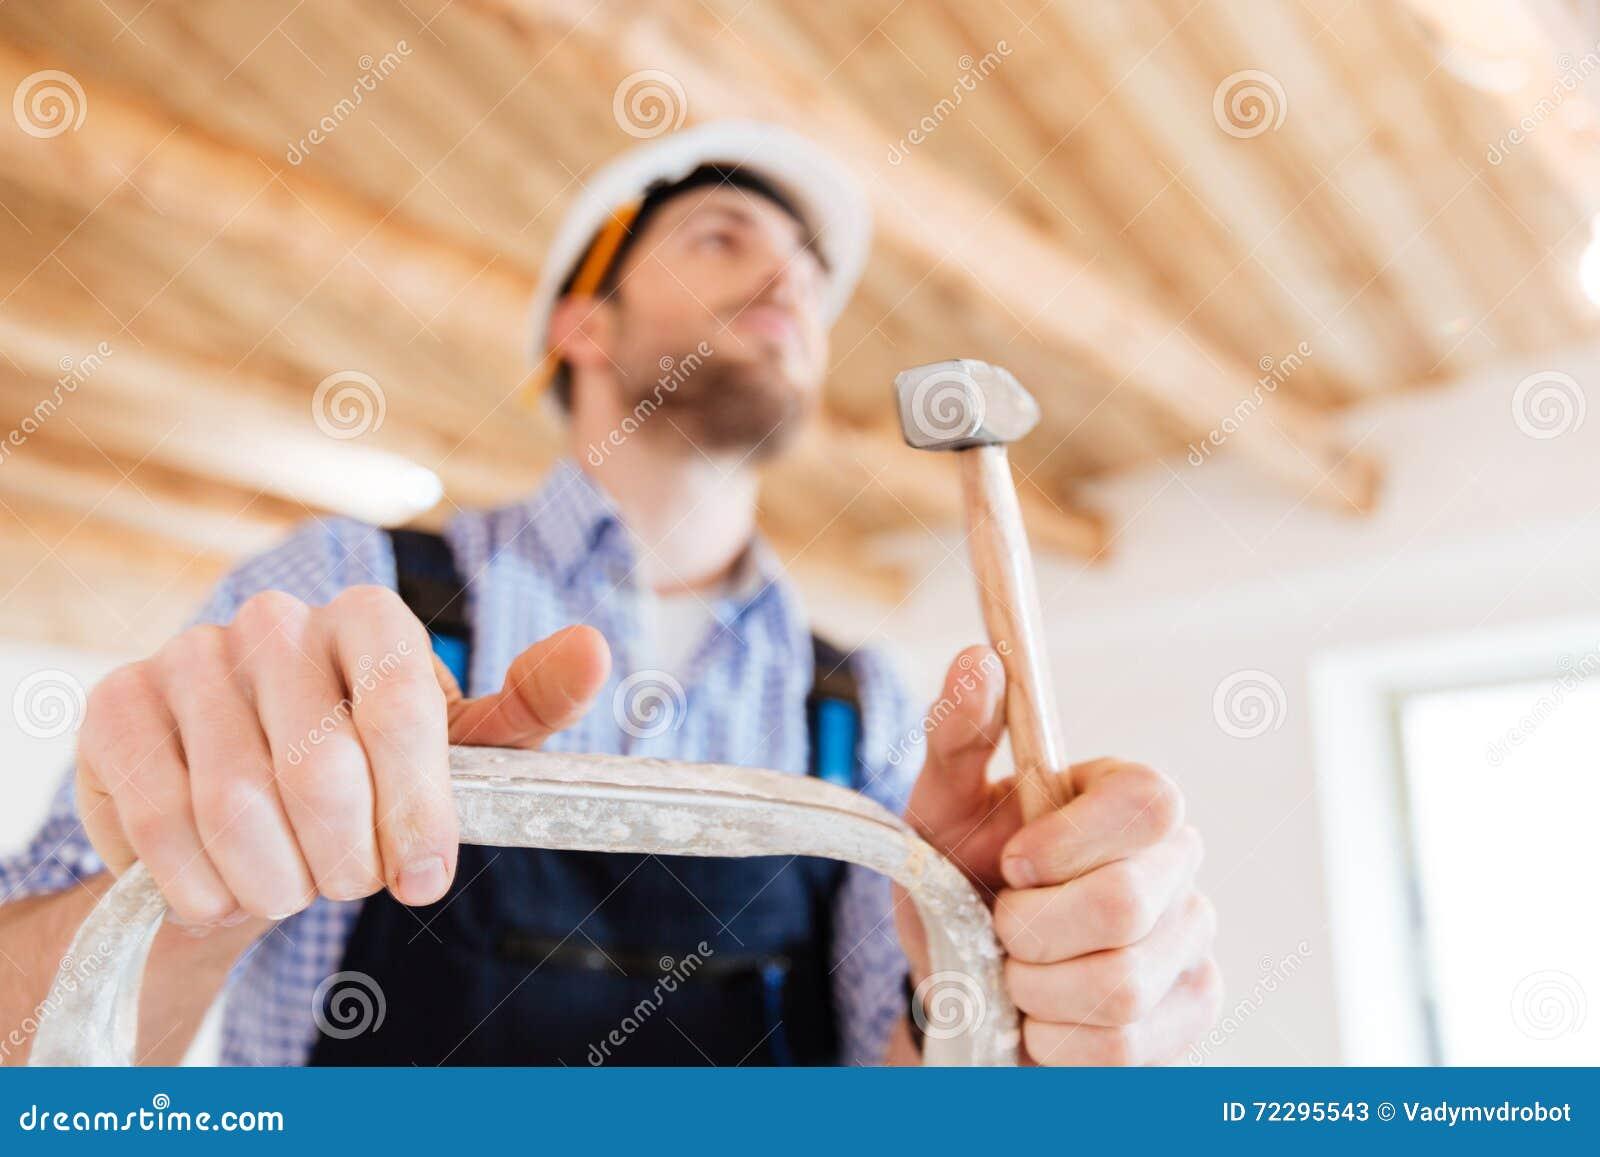 Download Портрет конца-вверх задумчивого работника с молотком Стоковое Изображение - изображение насчитывающей closeup, выдвинуло: 72295543